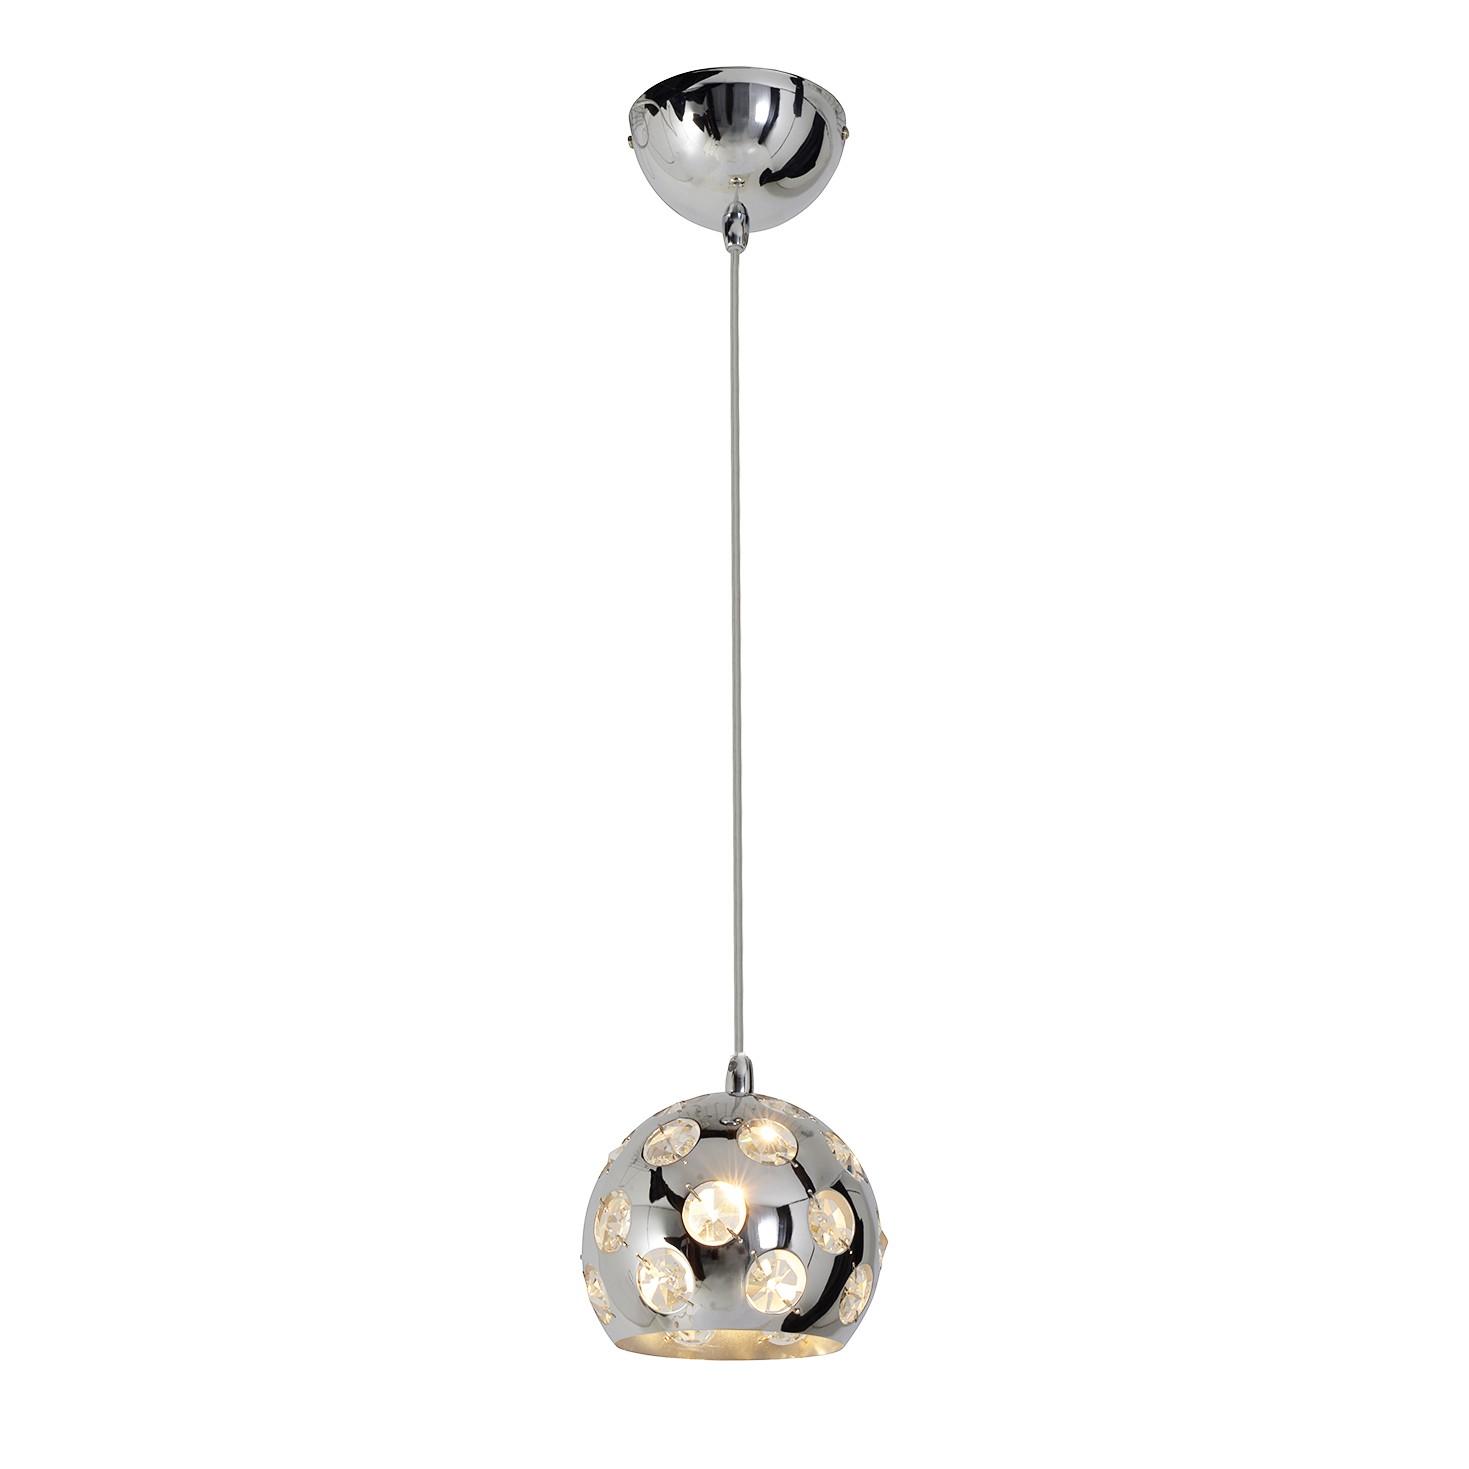 Pendelleuchte Diamond by Näve ● Metall/Kunststoff ● Silber ● 1-flammig- Näve A++